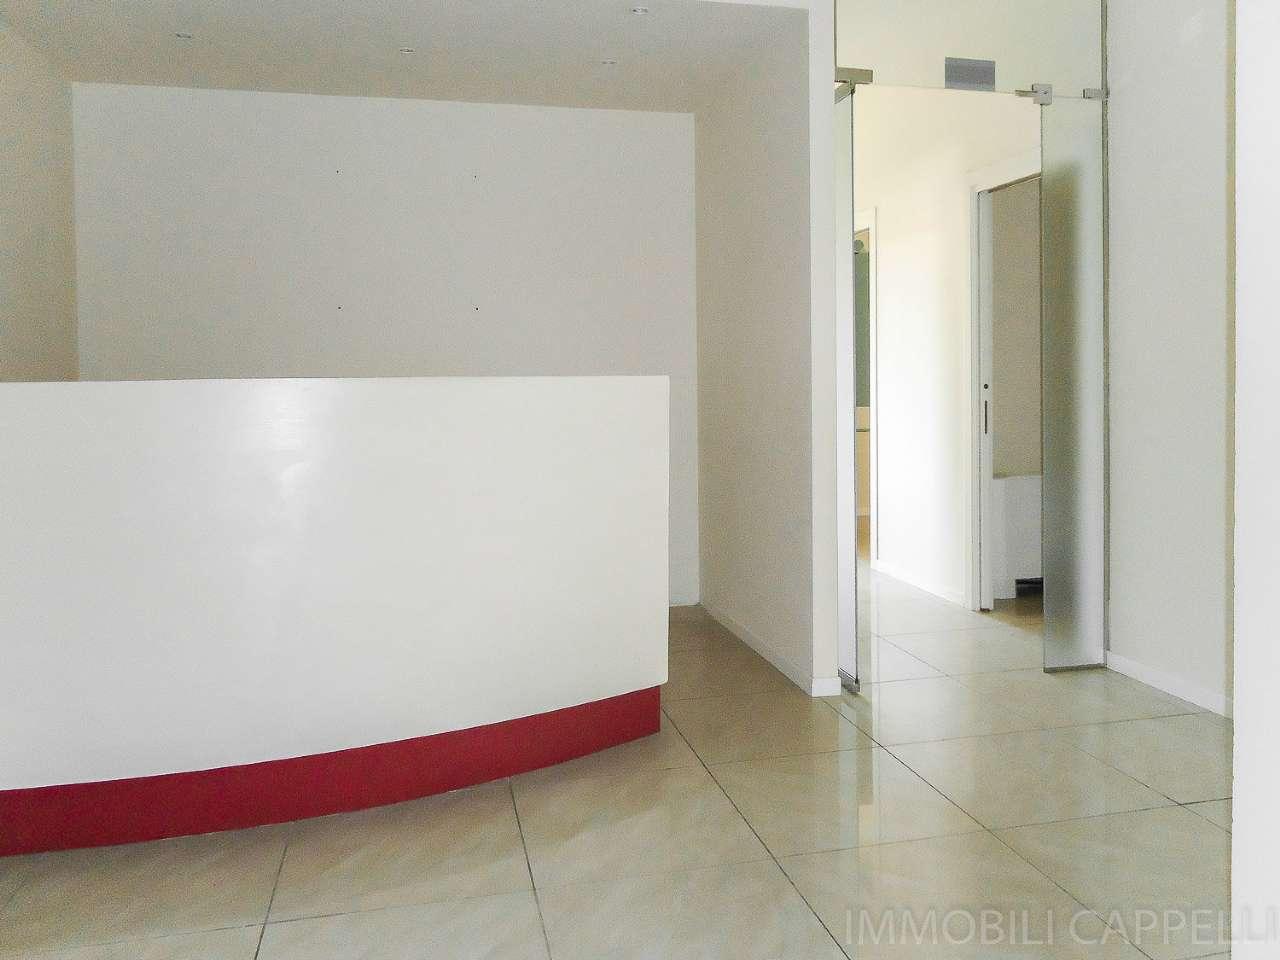 Ufficio / Studio in affitto a Cesena, 7 locali, prezzo € 900 | CambioCasa.it